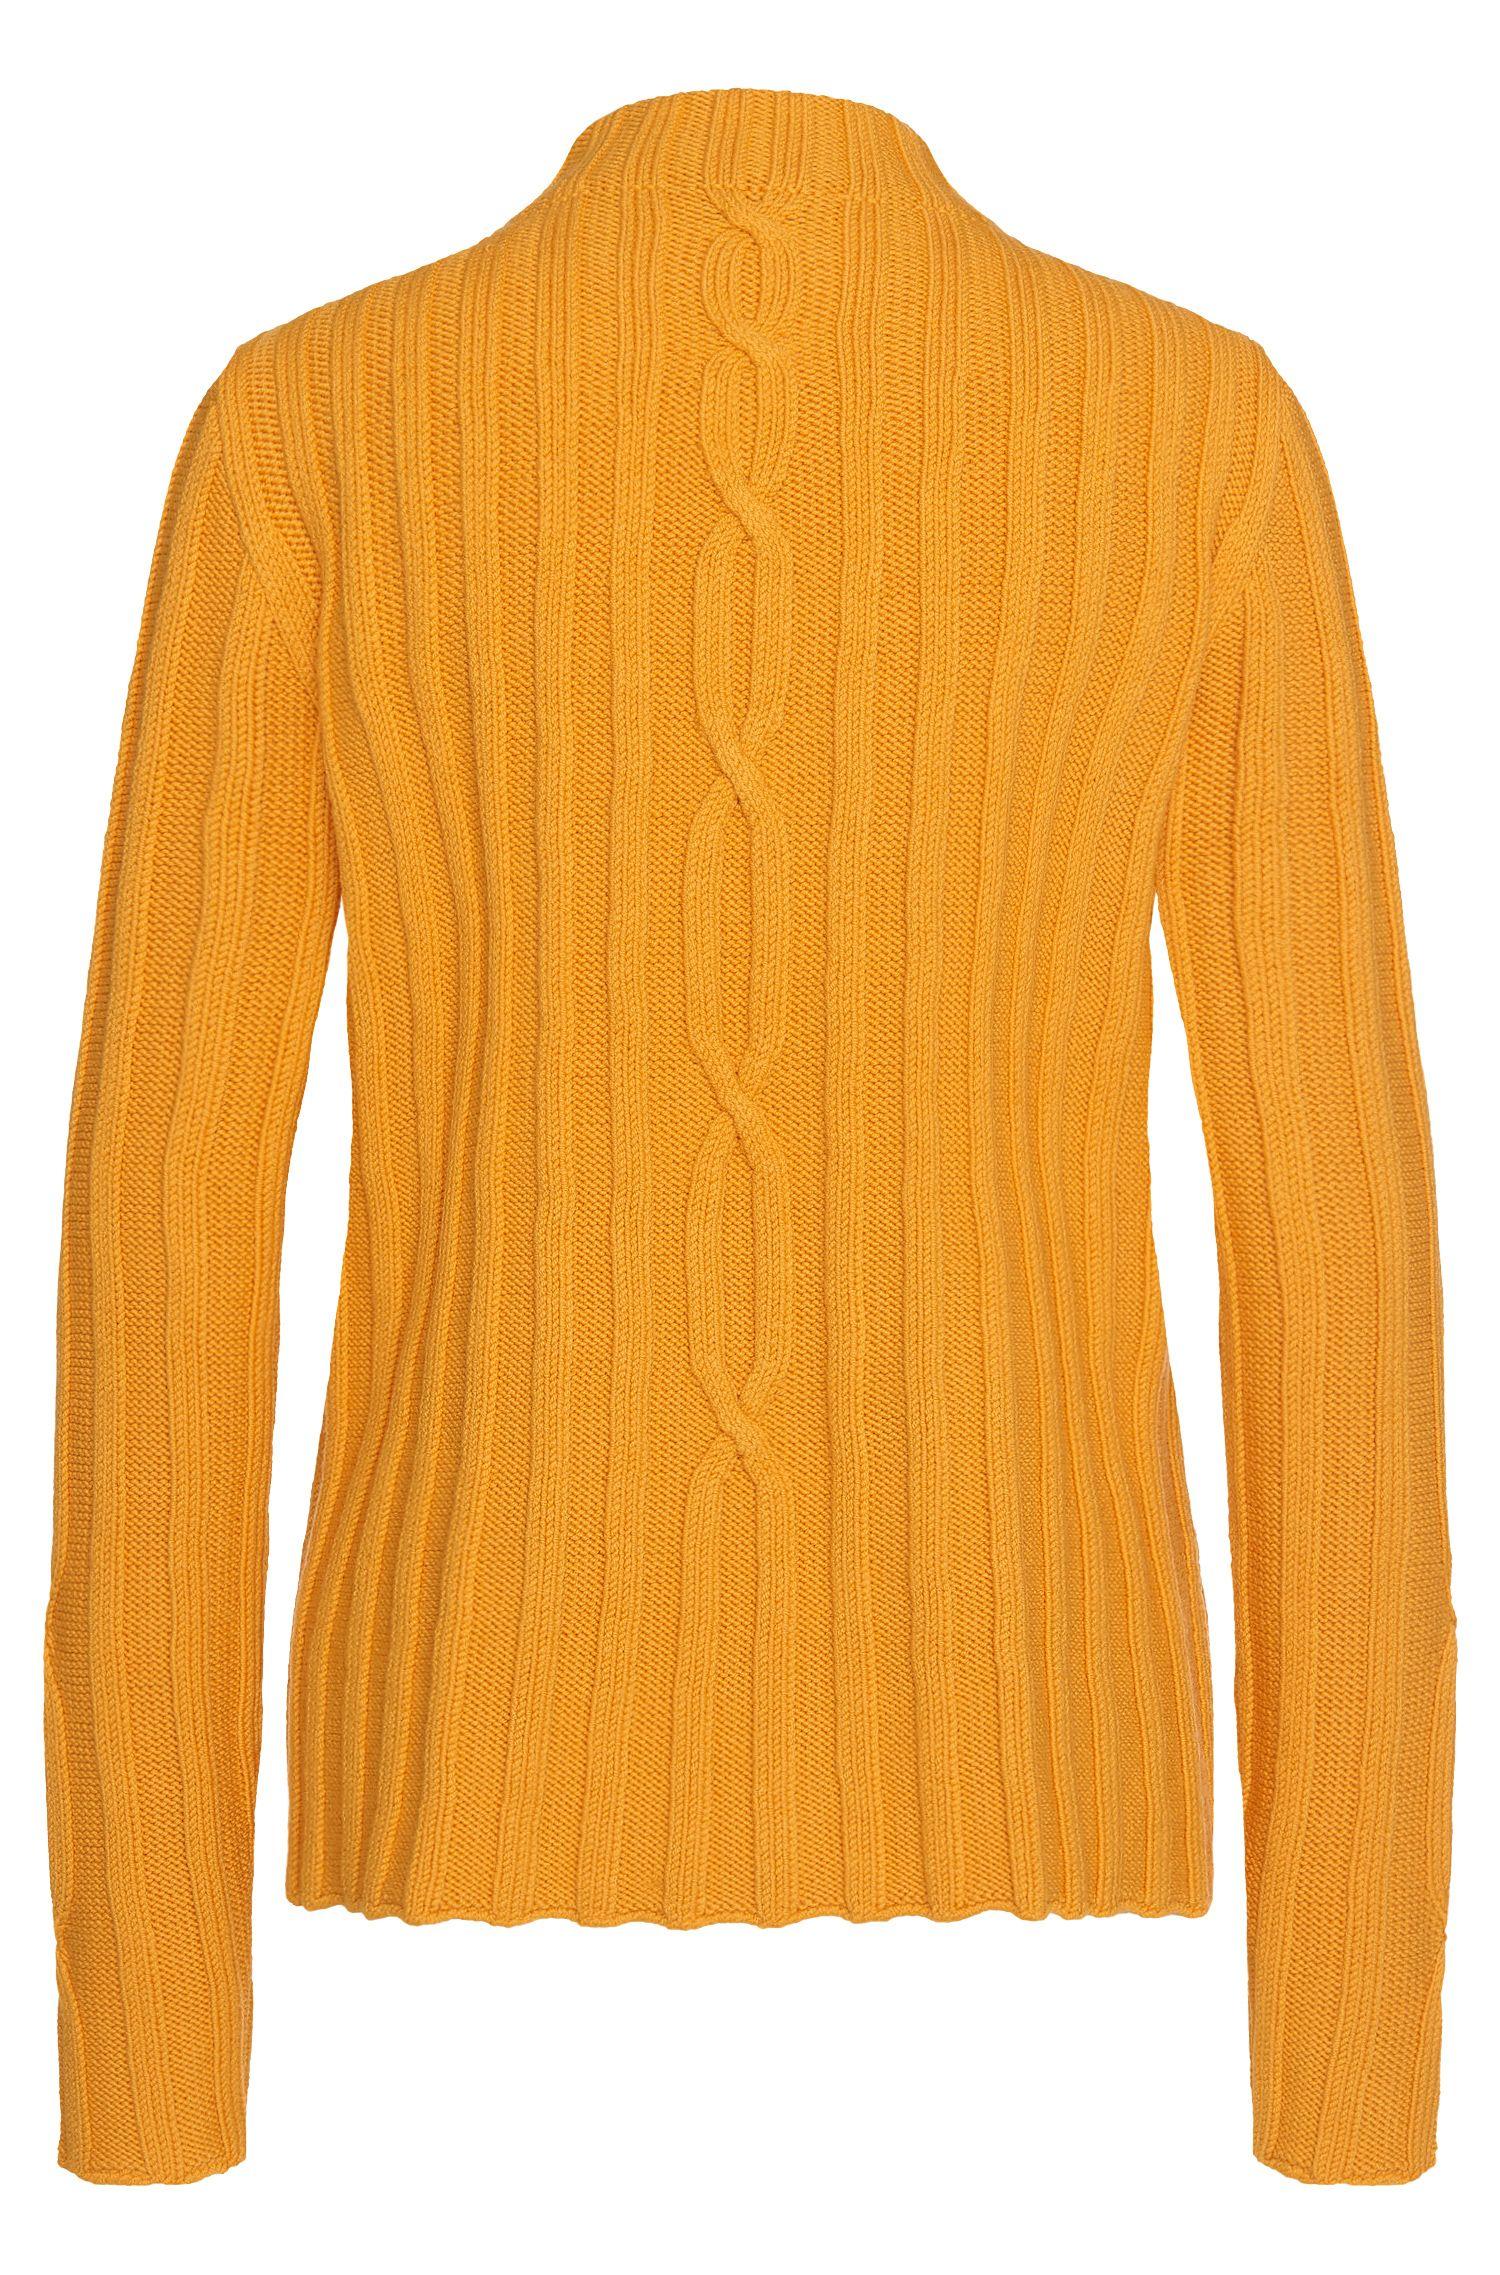 Pullover aus Schurwolle im Zopfstrick-Muster: 'Faolana'